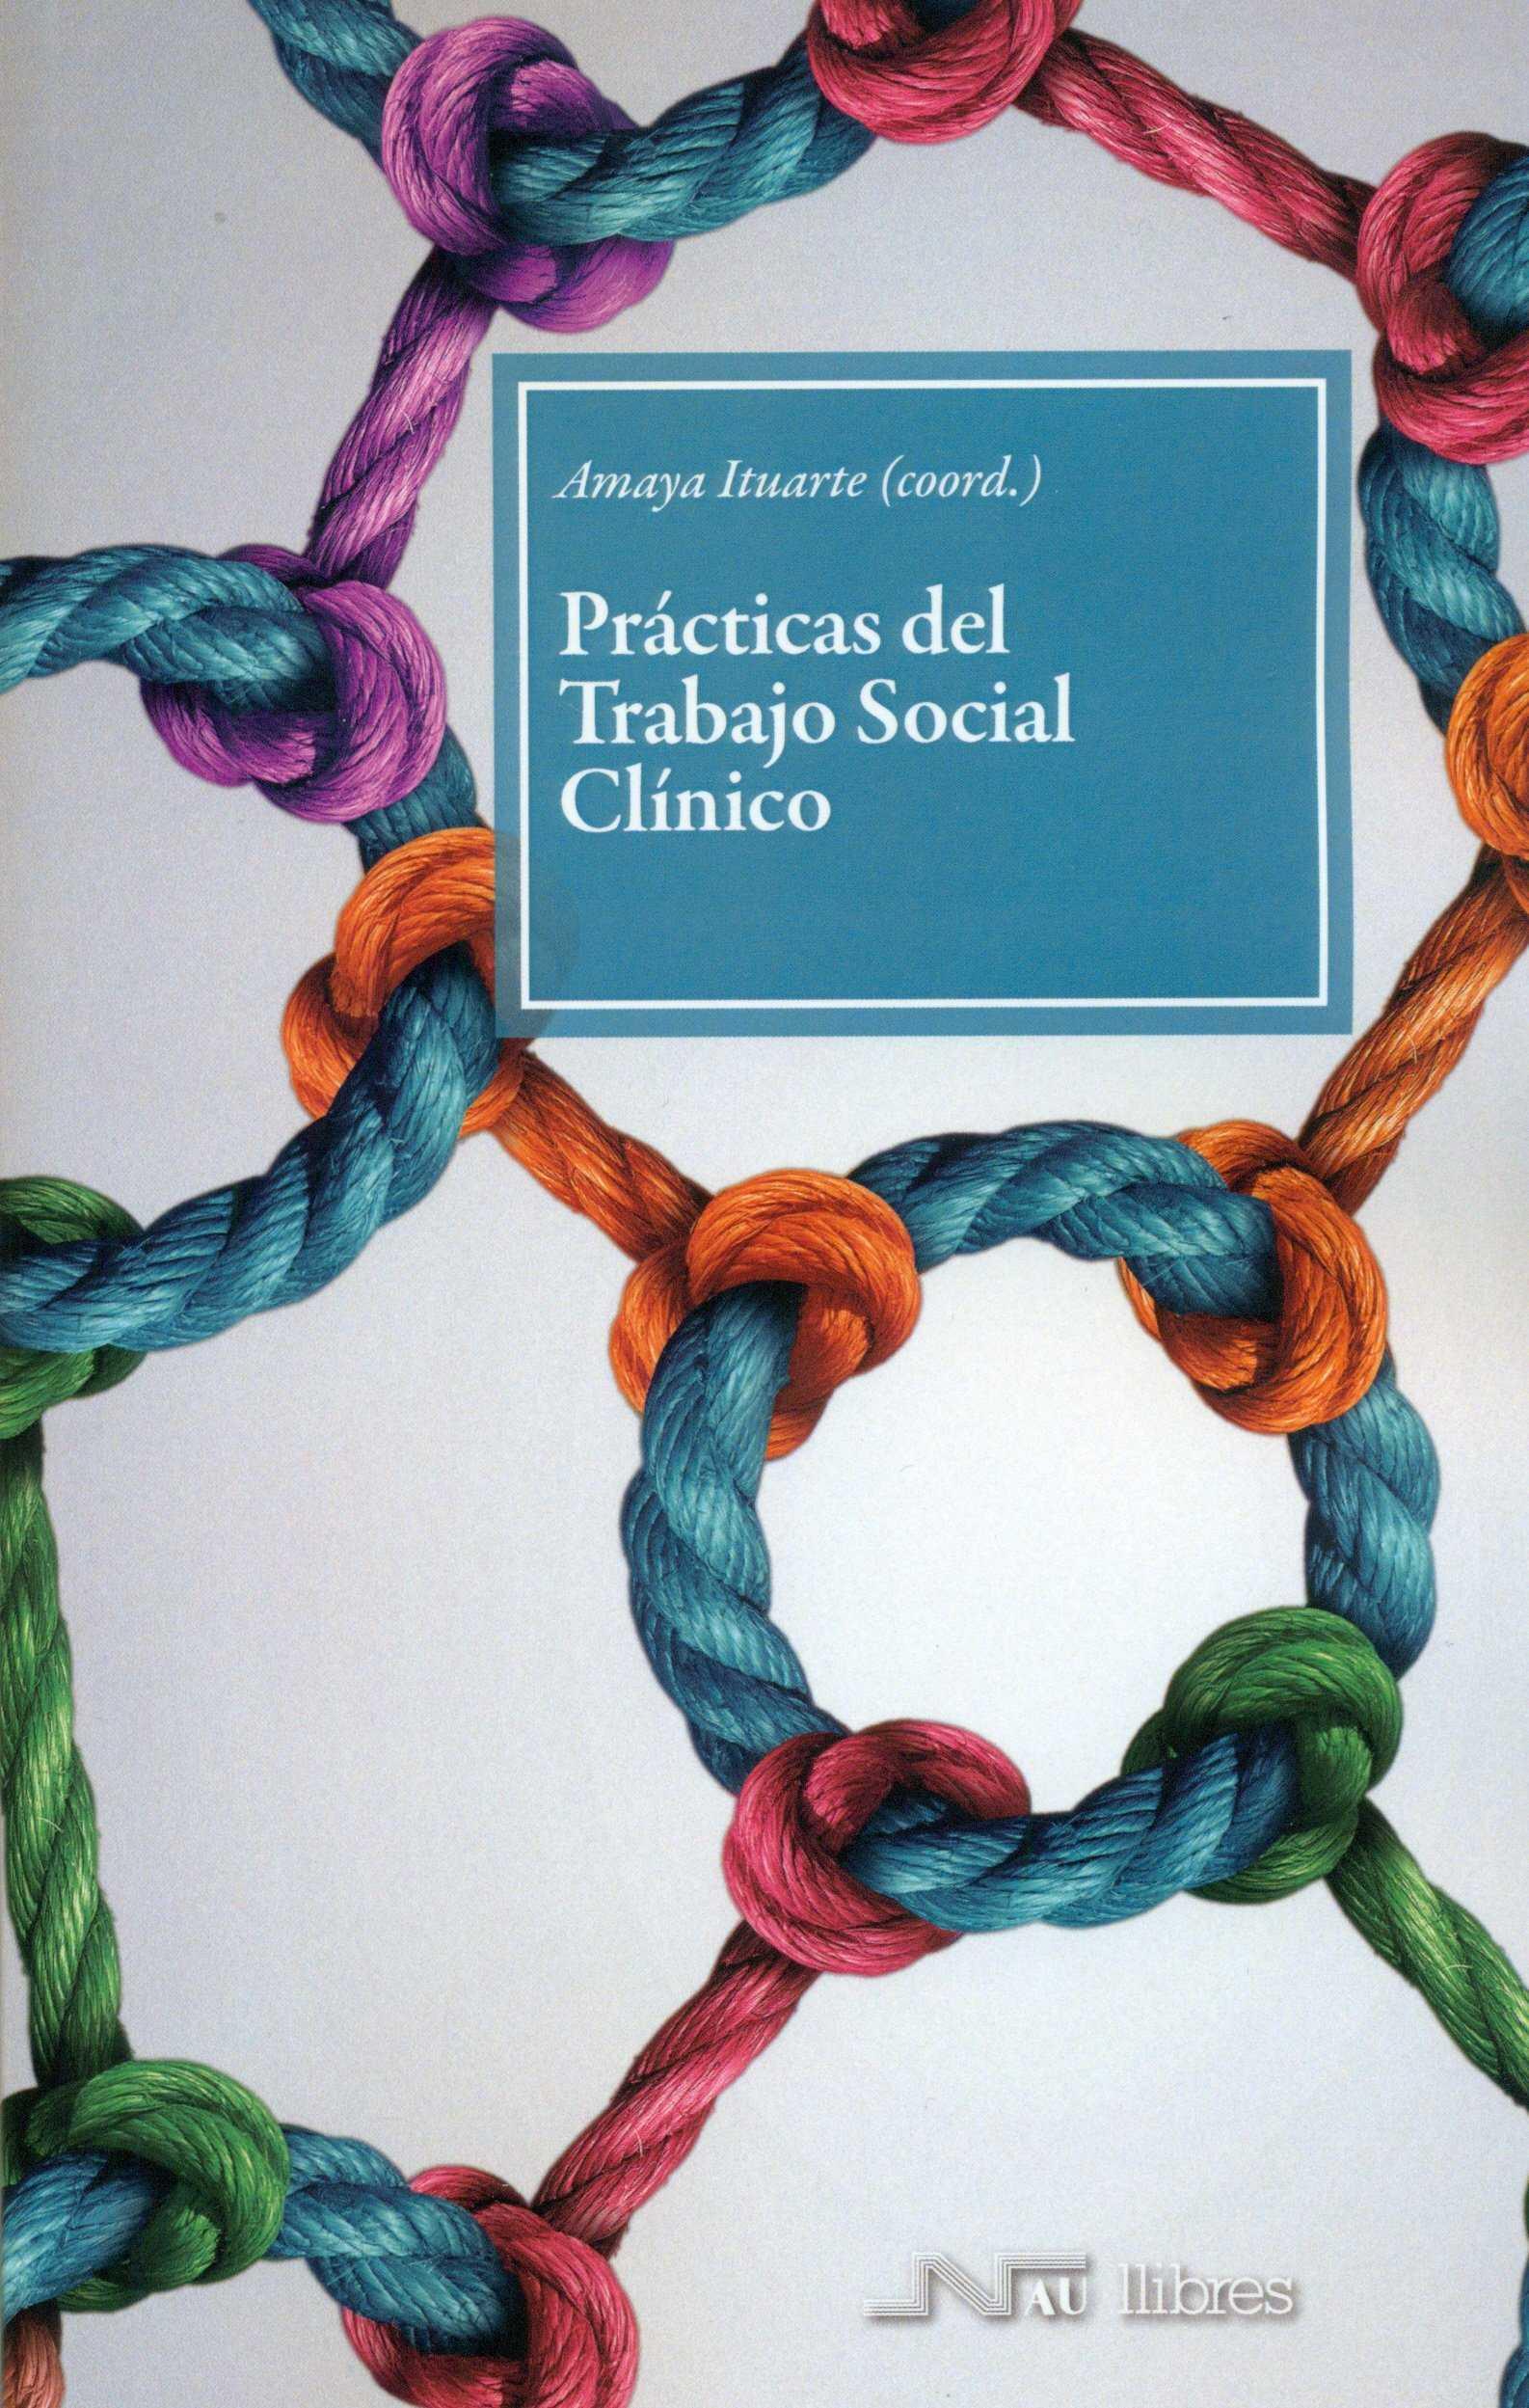 Prácticas del trabajo social clínico - Dialnet